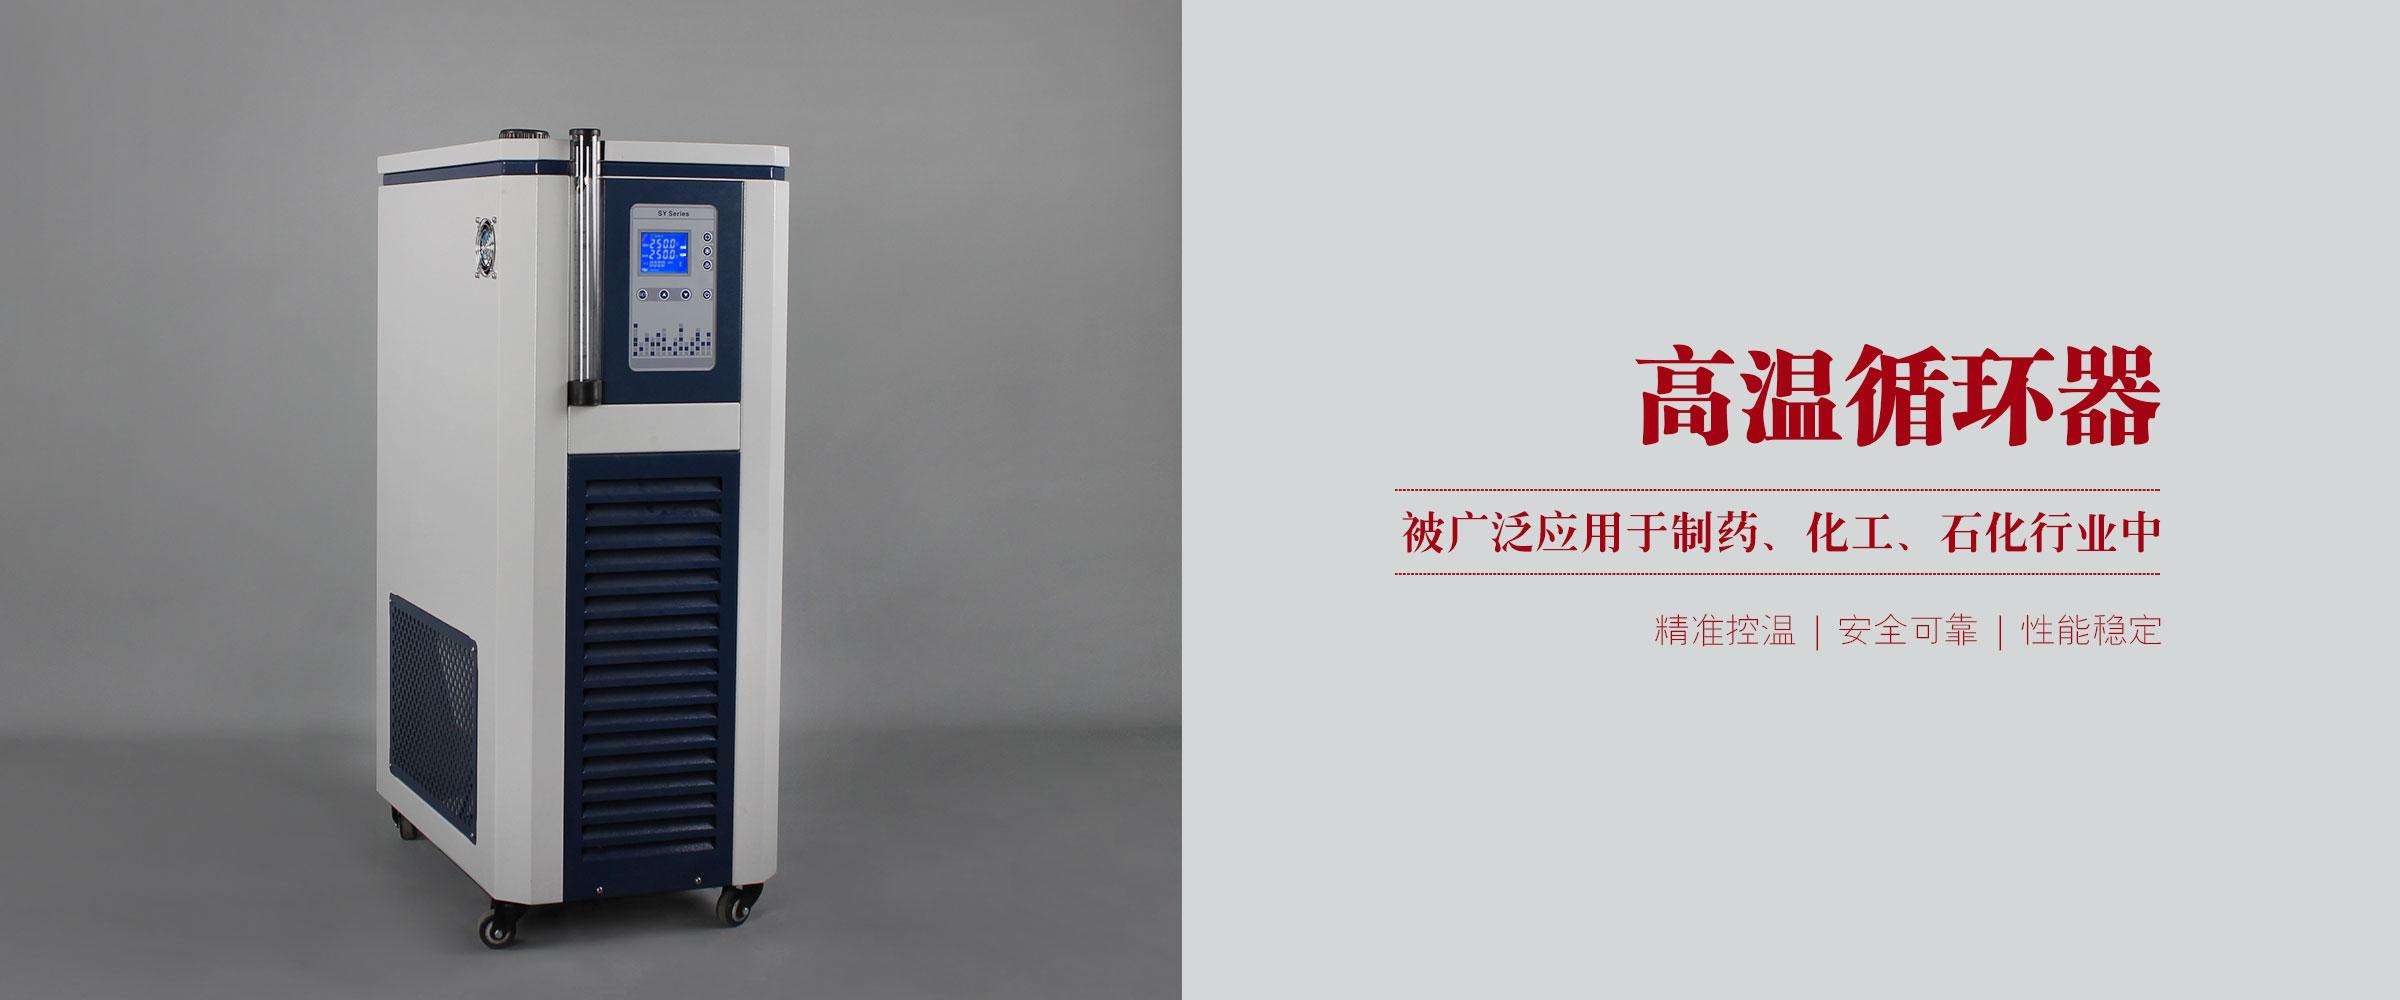 高温循环器 (1)